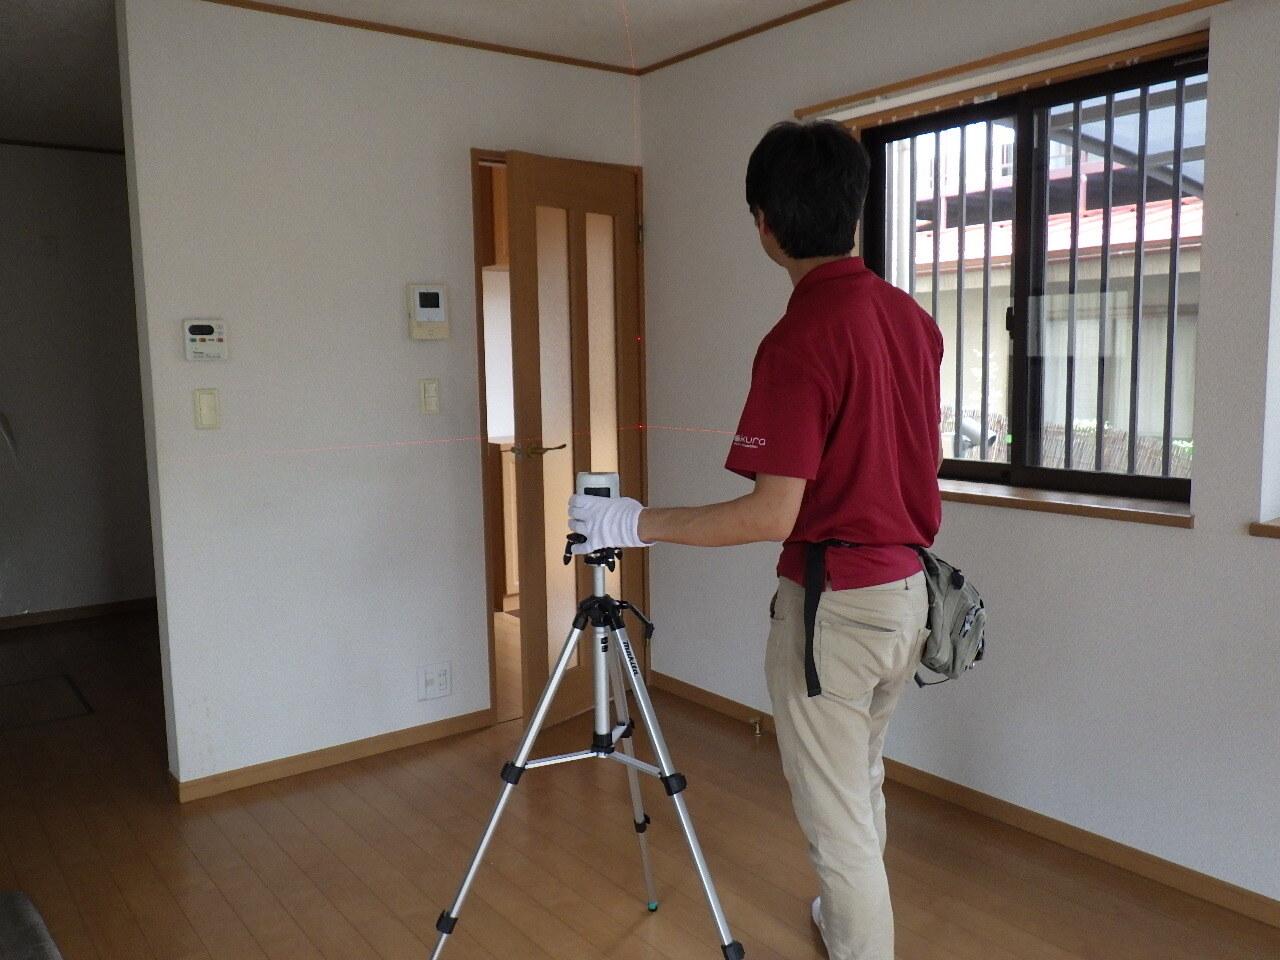 【建売住宅】購入時に見分けたい、3つのチェックポイントと、ホームインスペクション